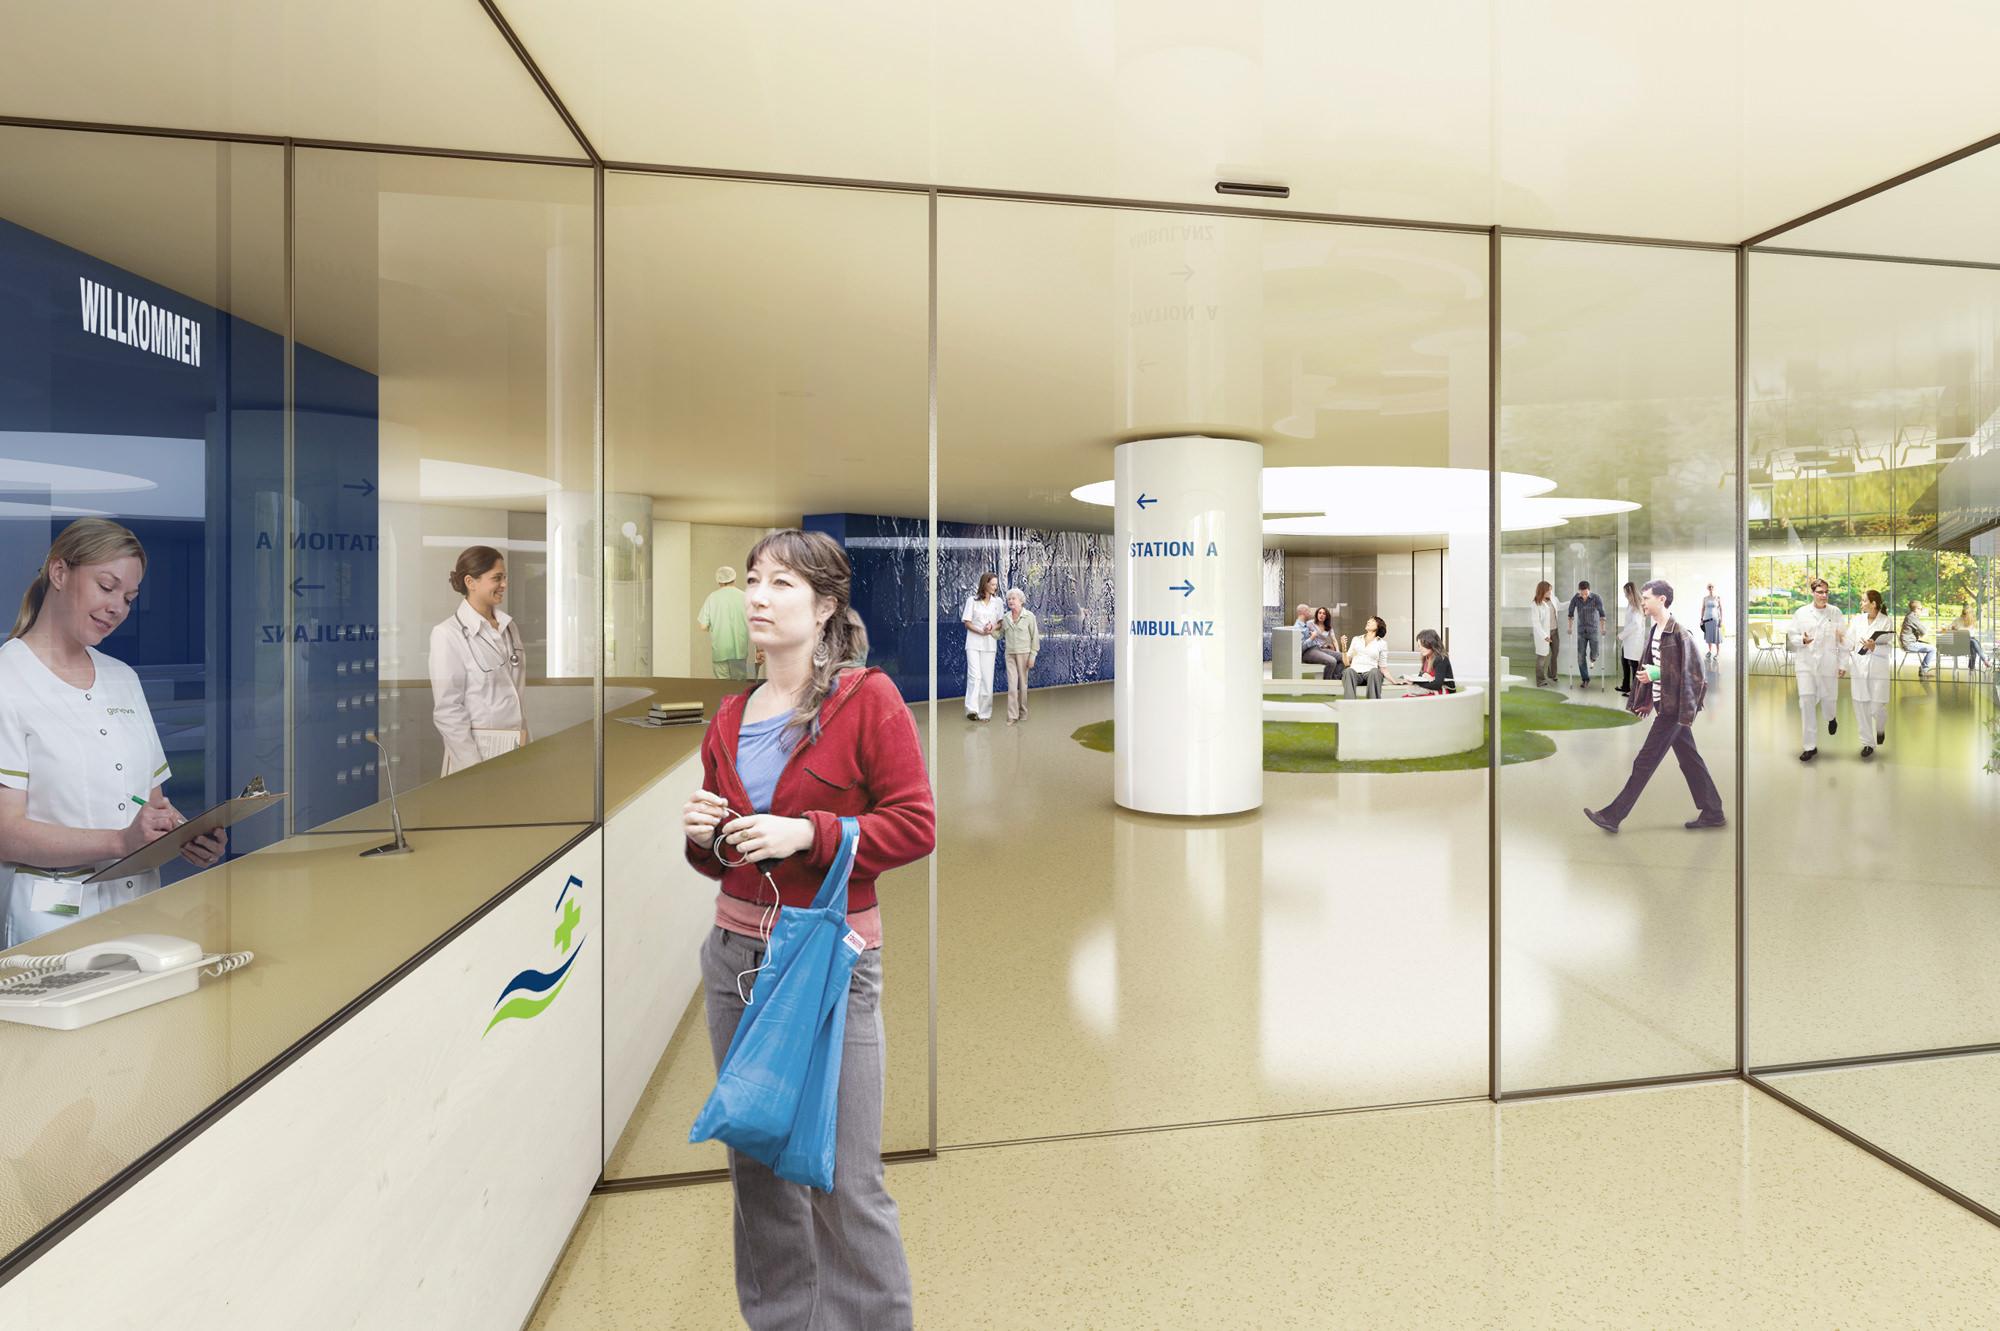 krankenhaus_radebeul_02_umbau_sanierung_junger_beer_architektur